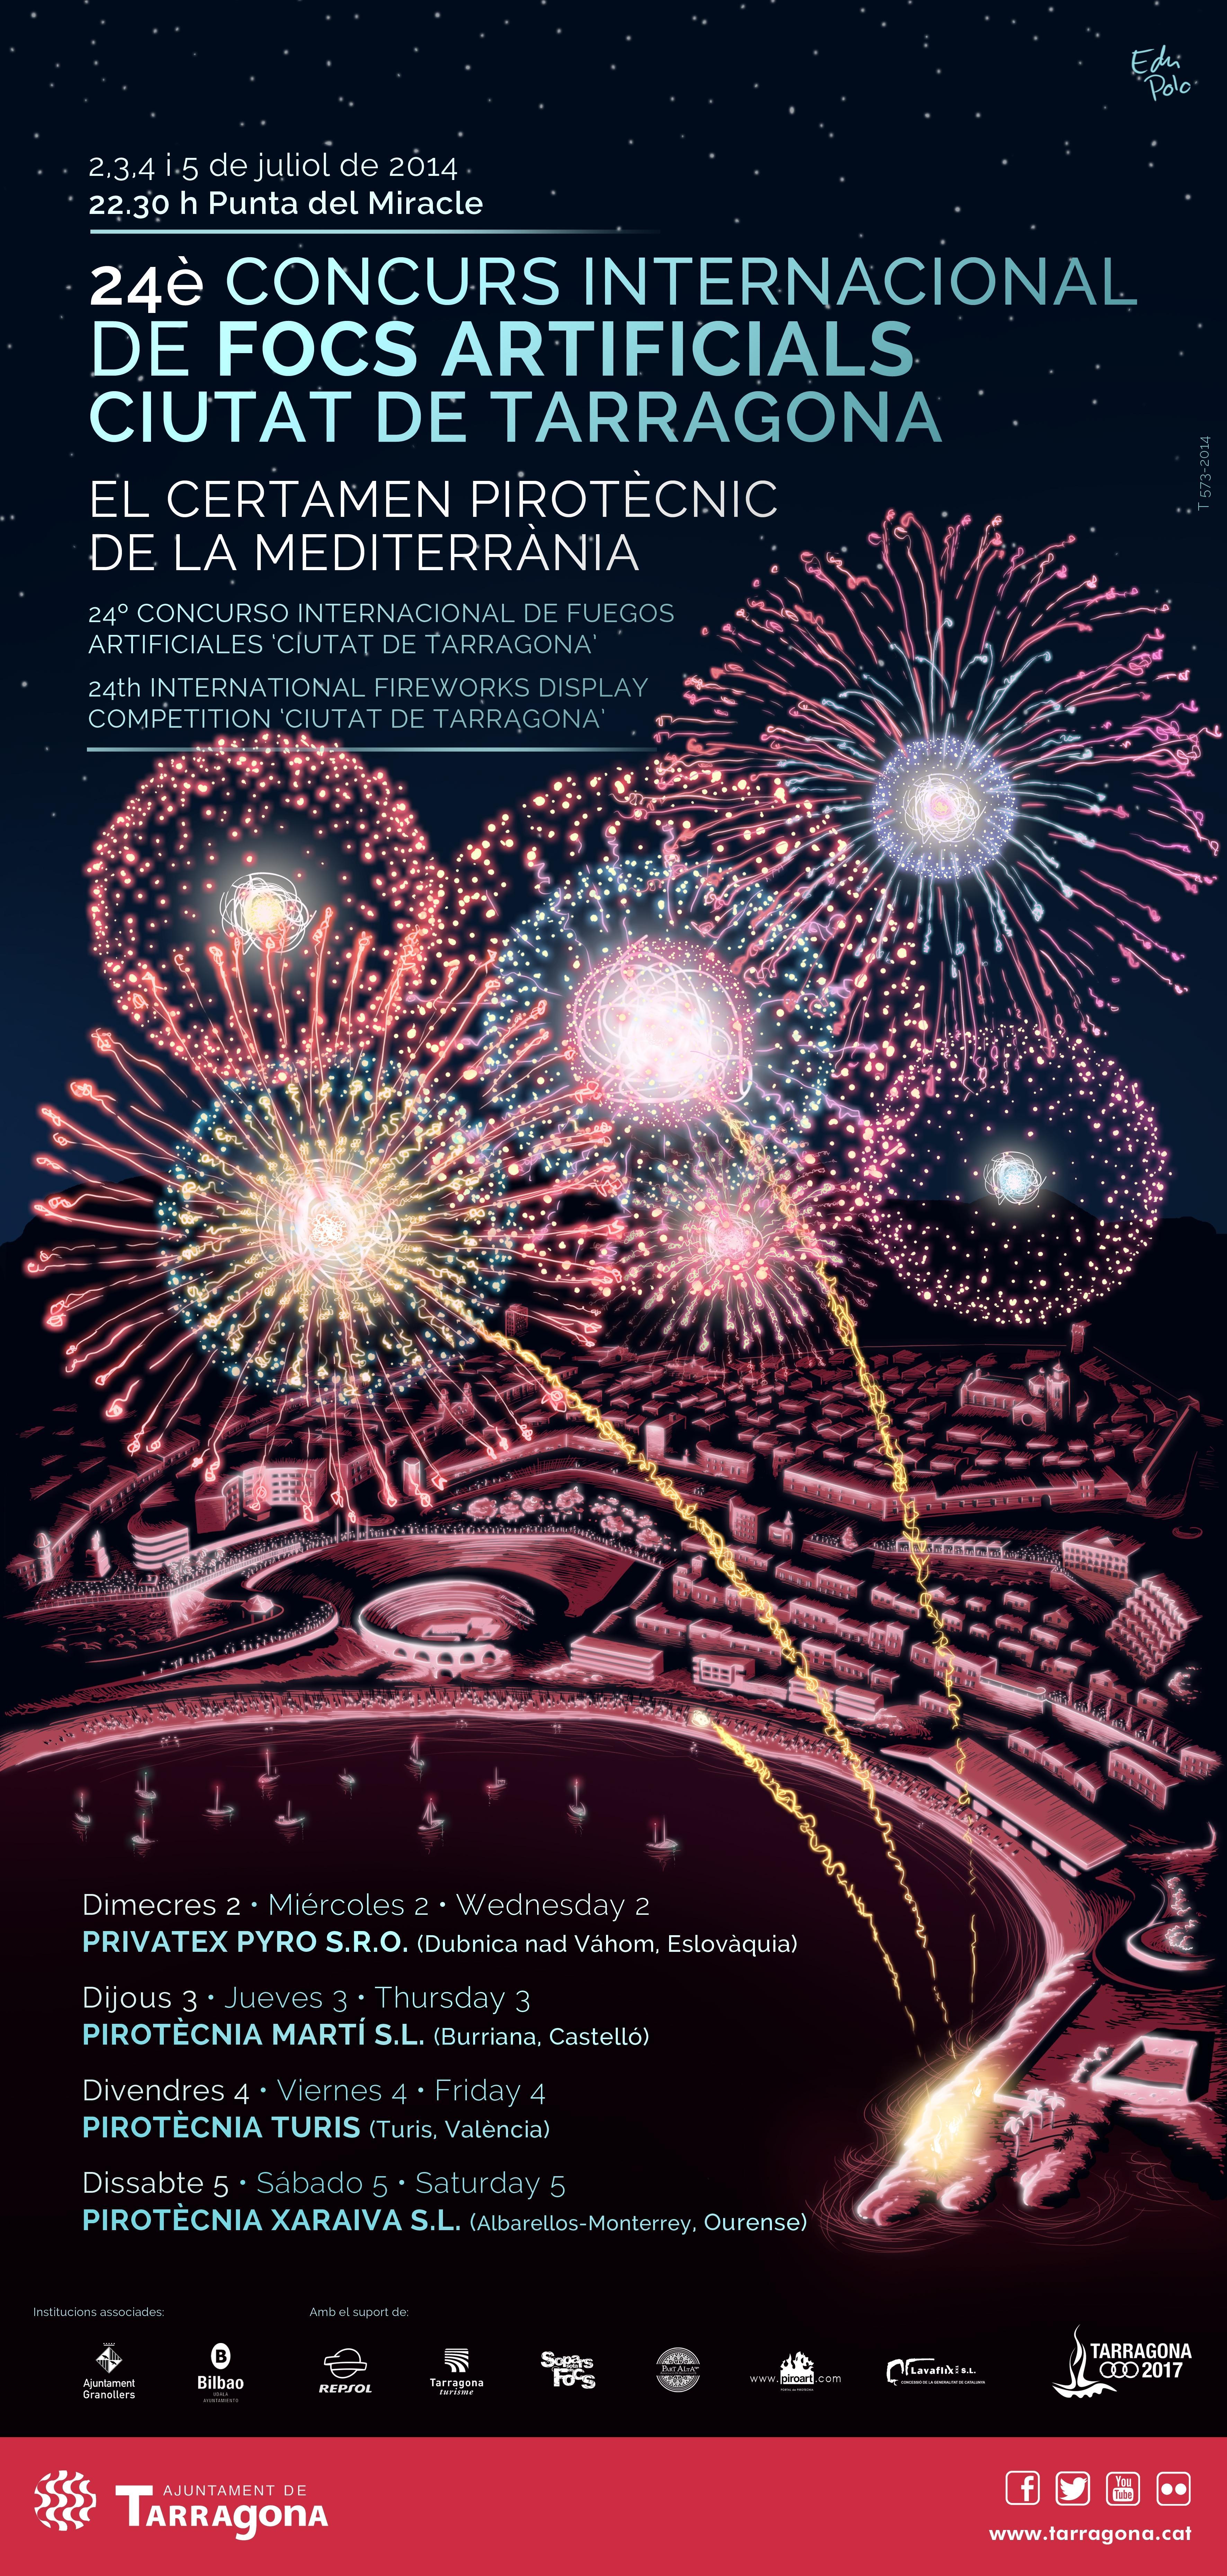 Cartell del 24è Concurs Internacional de Focs Artificials Ciutat de Tarragona, obra d'Edu Polo